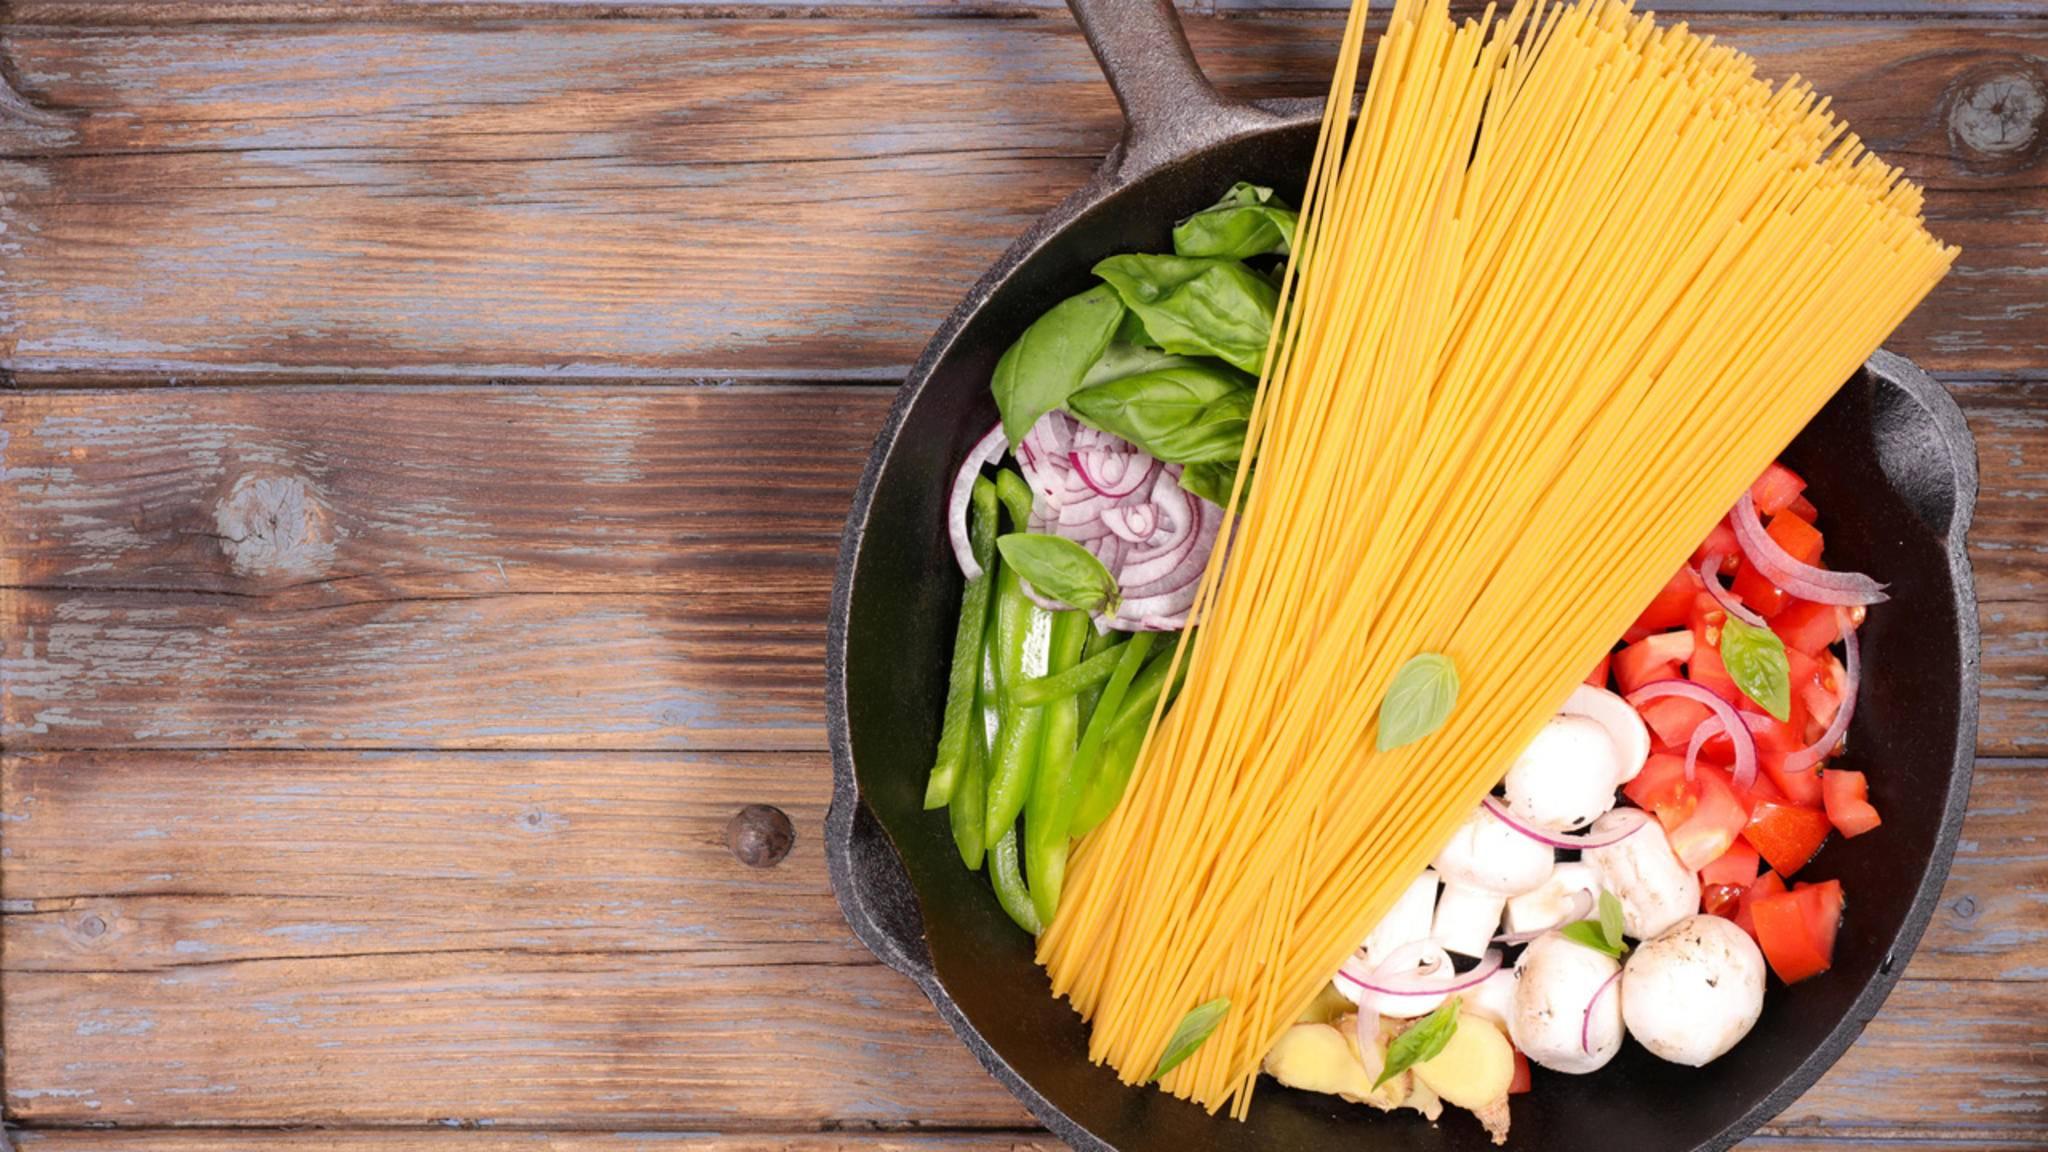 Alles rein in den Topf und rauf auf den Herd: One-Pot-Gerichte bestechen meist durch wenig Aufwand in der Zubereitung.